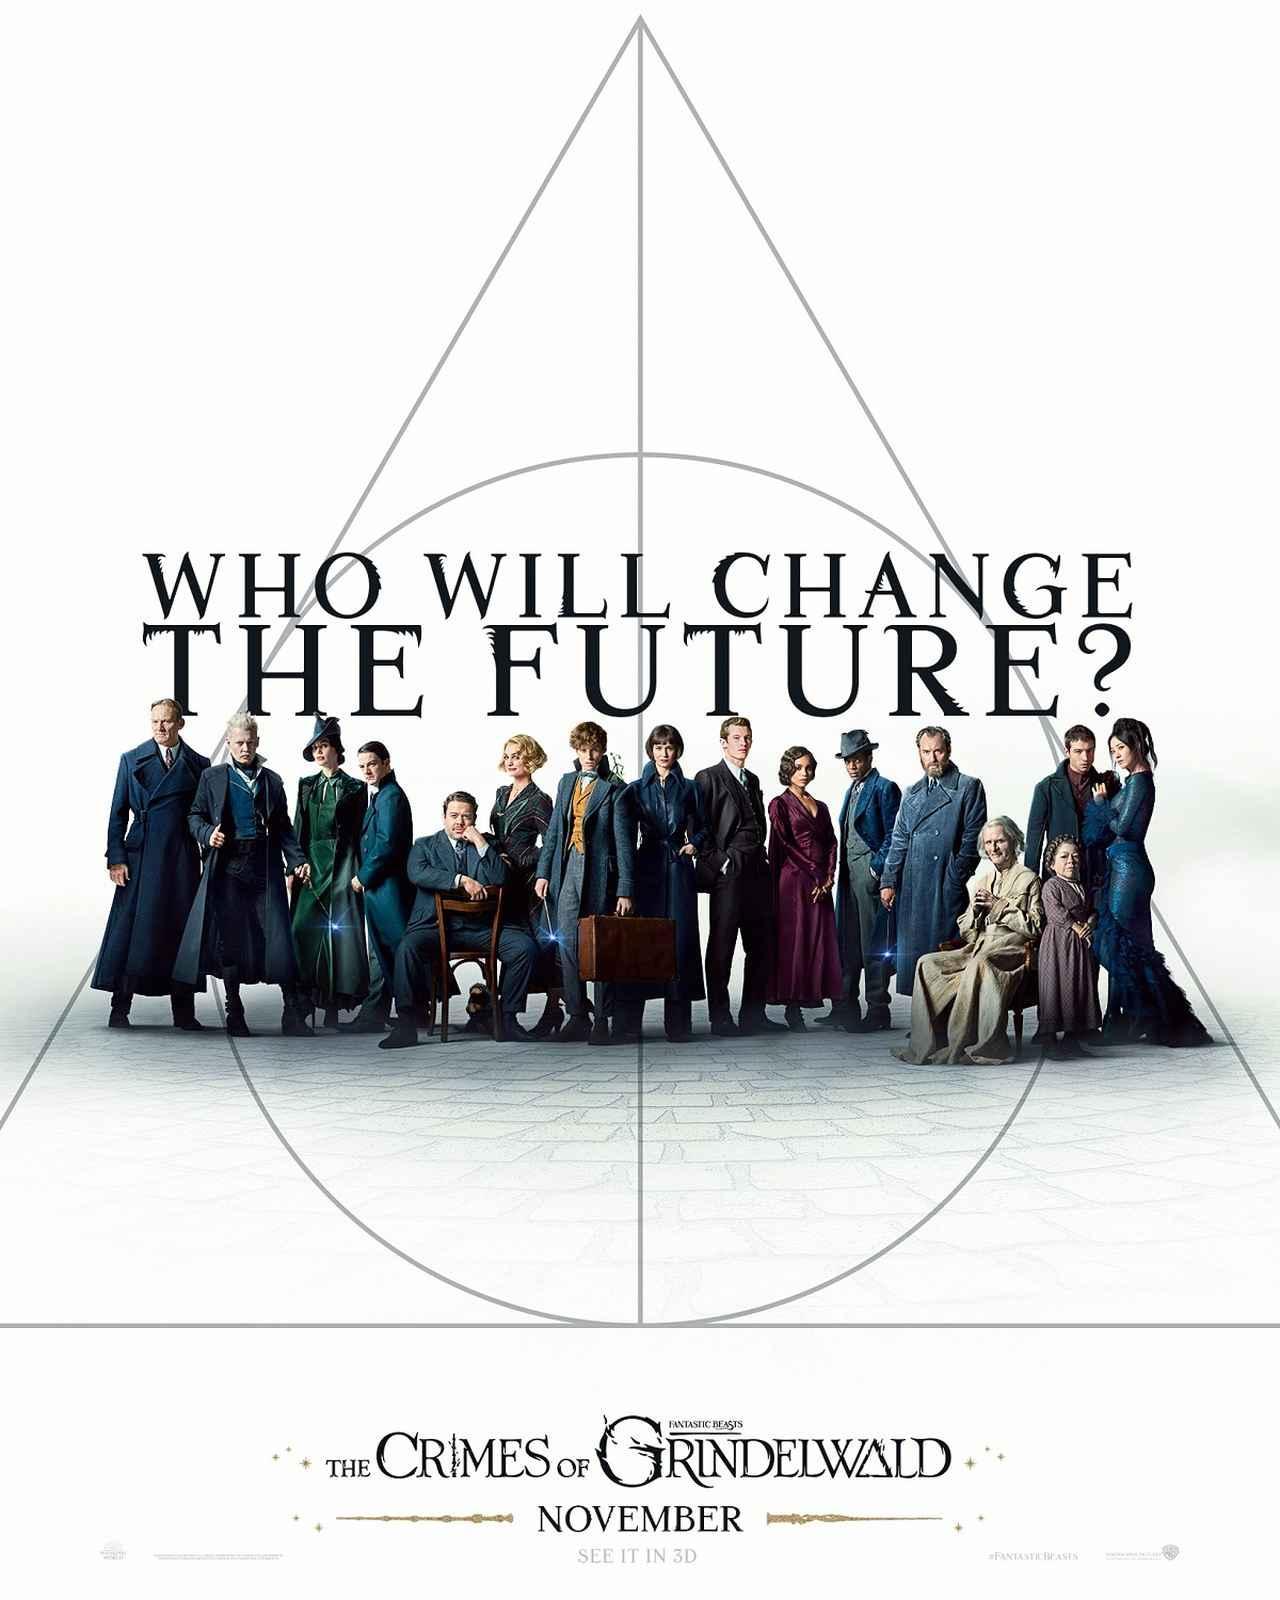 画像: コミコン2018で約 3 分間にも及ぶ予告映像が解禁!ハリー・ポッター魔法ワールド最新作『ファンタスティック・ビ ーストと黒い魔法使いの誕生』